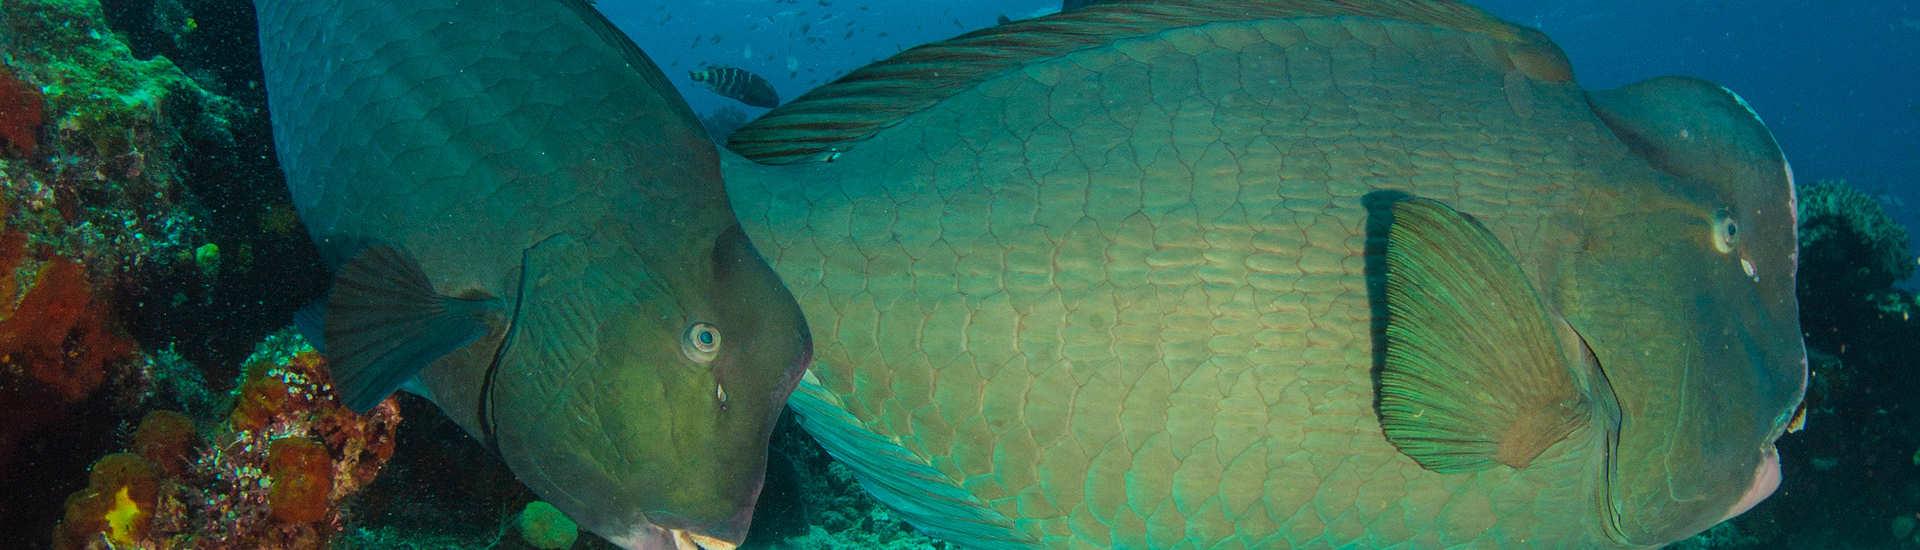 Büffelkopf-Papageifischen autnah!! – Dampier Strait, Raja Ampat